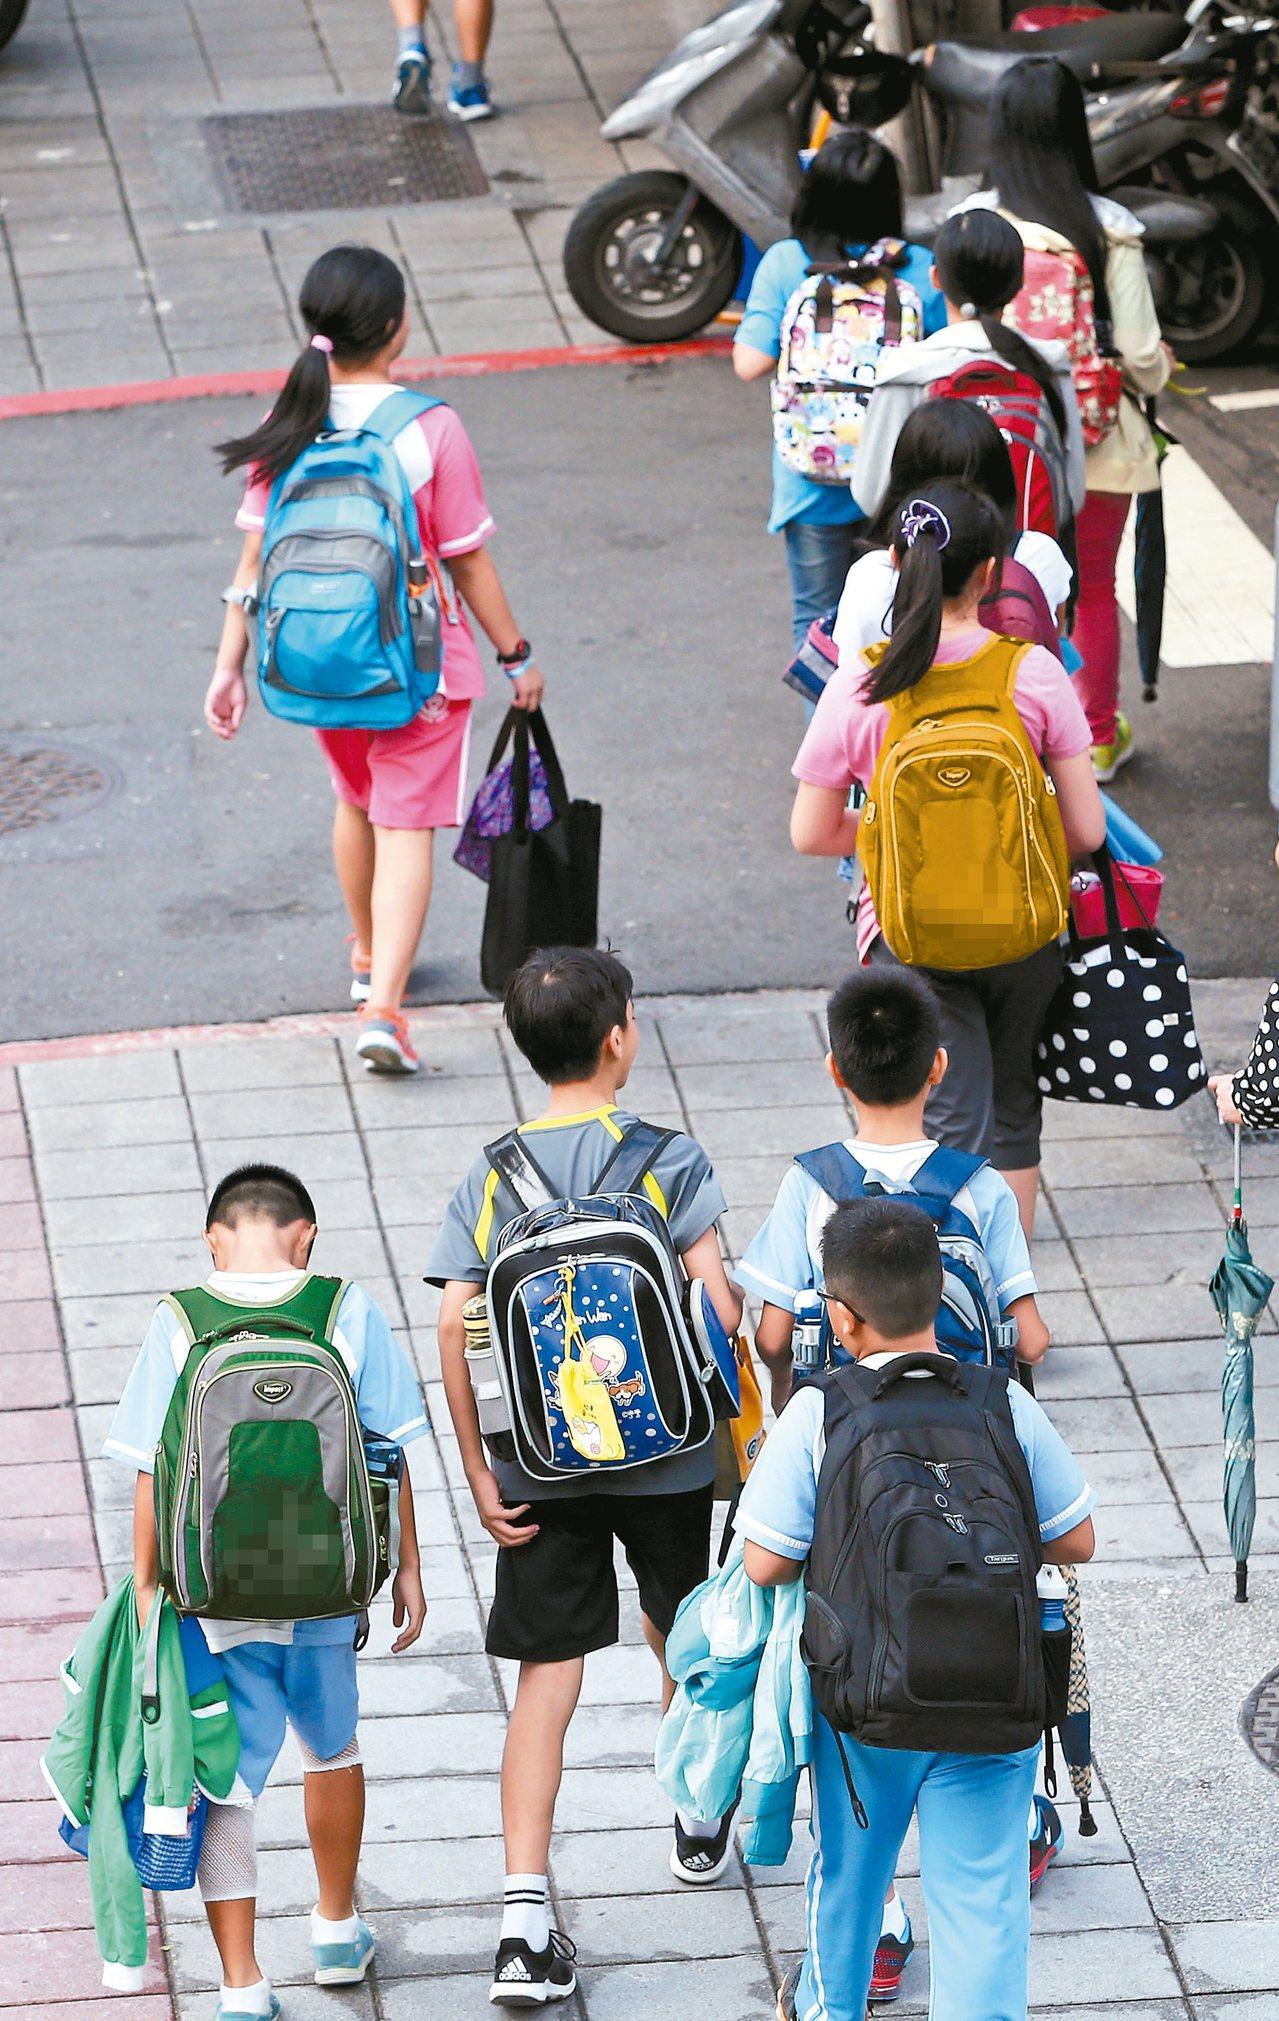 調查報告指出,一個孩子從小學念到大學,父母平均支出教育費用135萬元,台灣在此次...